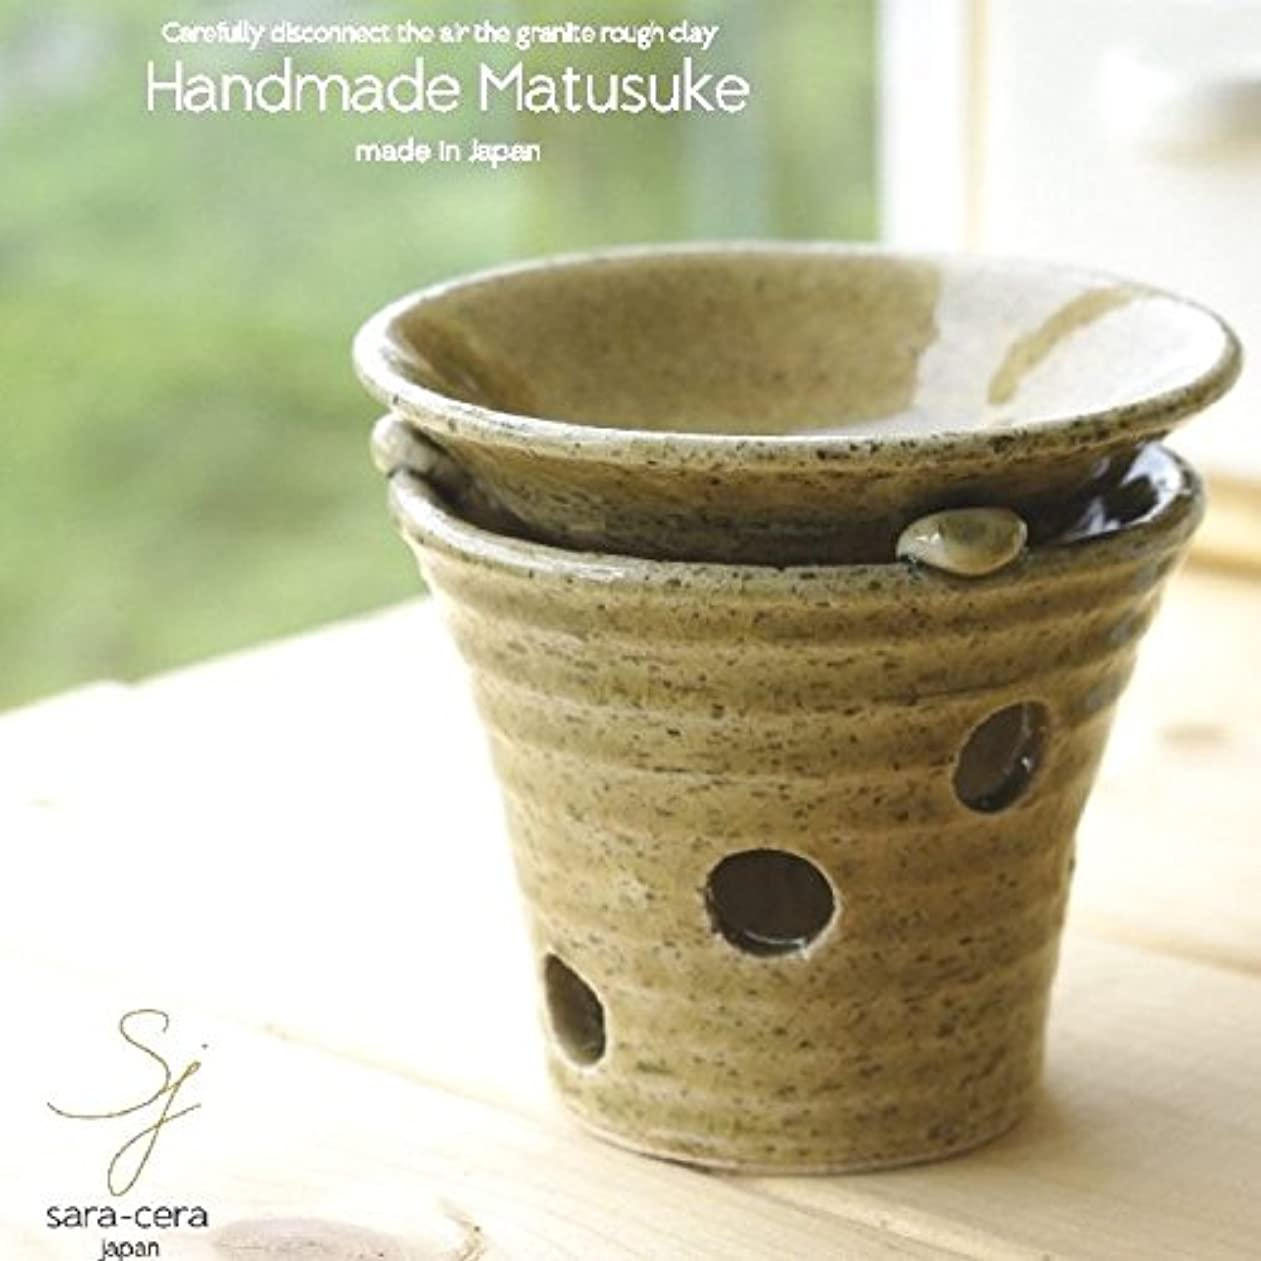 松助窯 手作り茶香炉セット 灰釉ビードロ アロマ 和風 陶器 手づくり 日本製 美濃焼